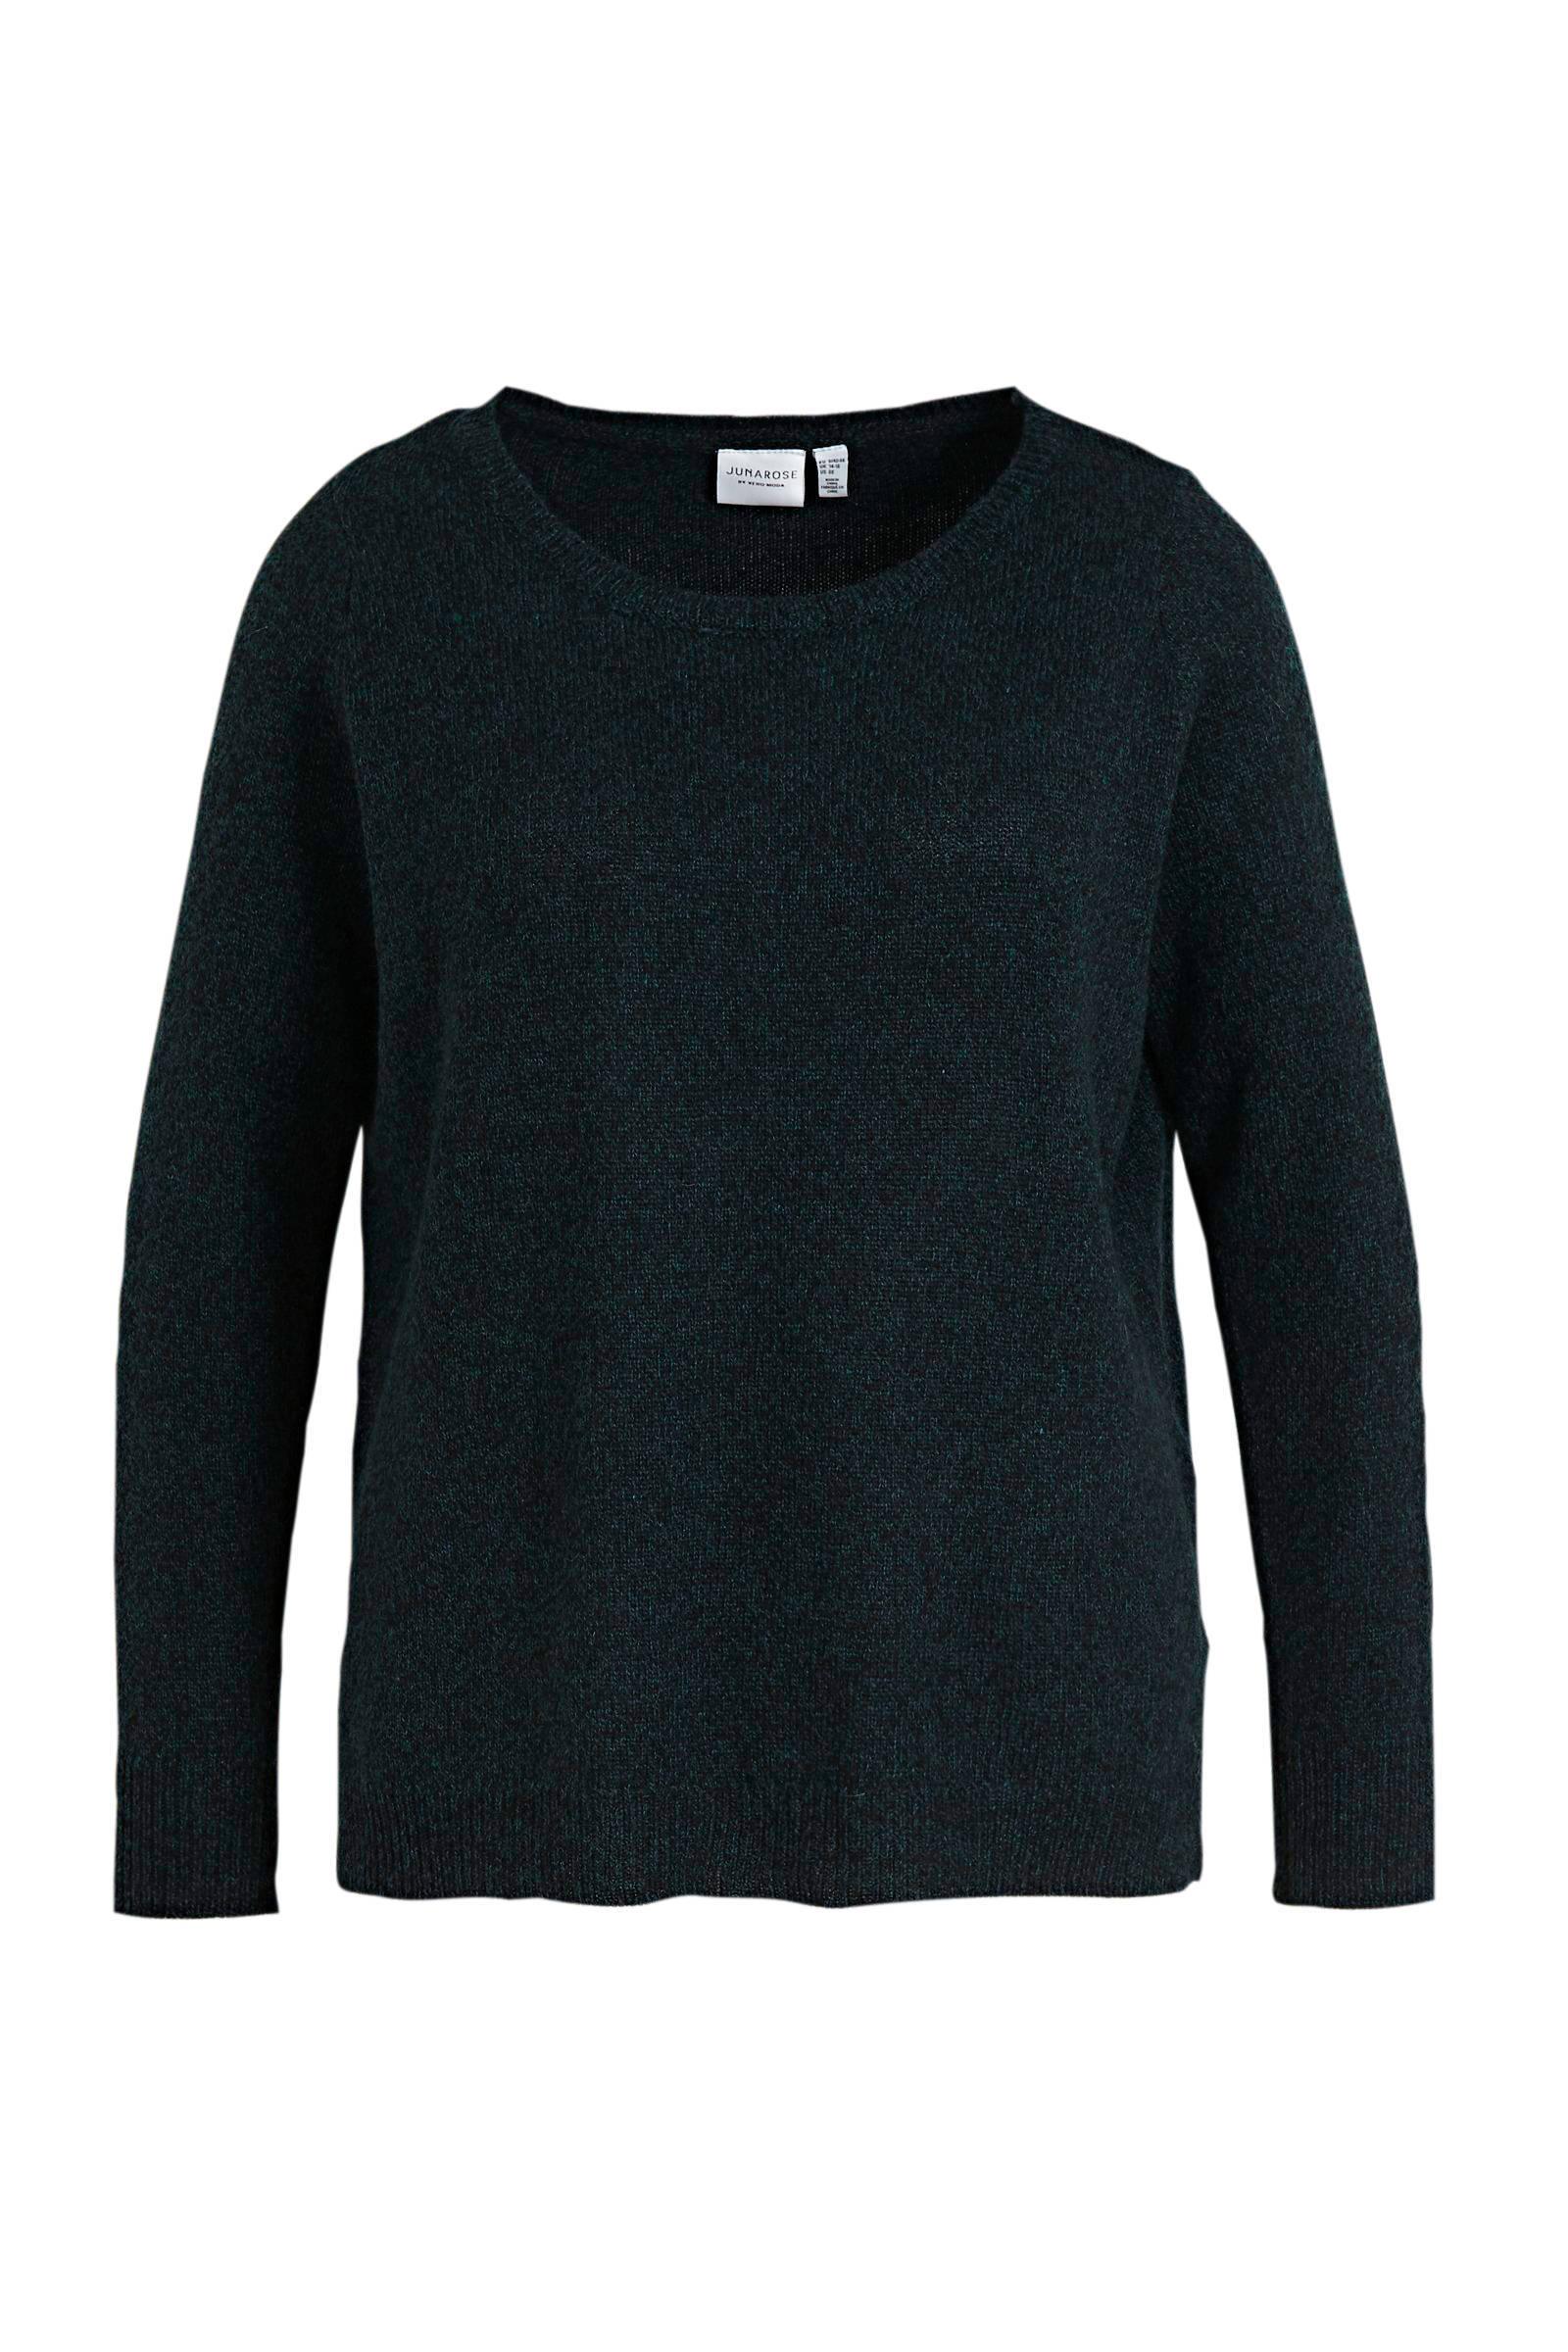 JUNAROSE grote maten truien voor dames kopen Vind jouw